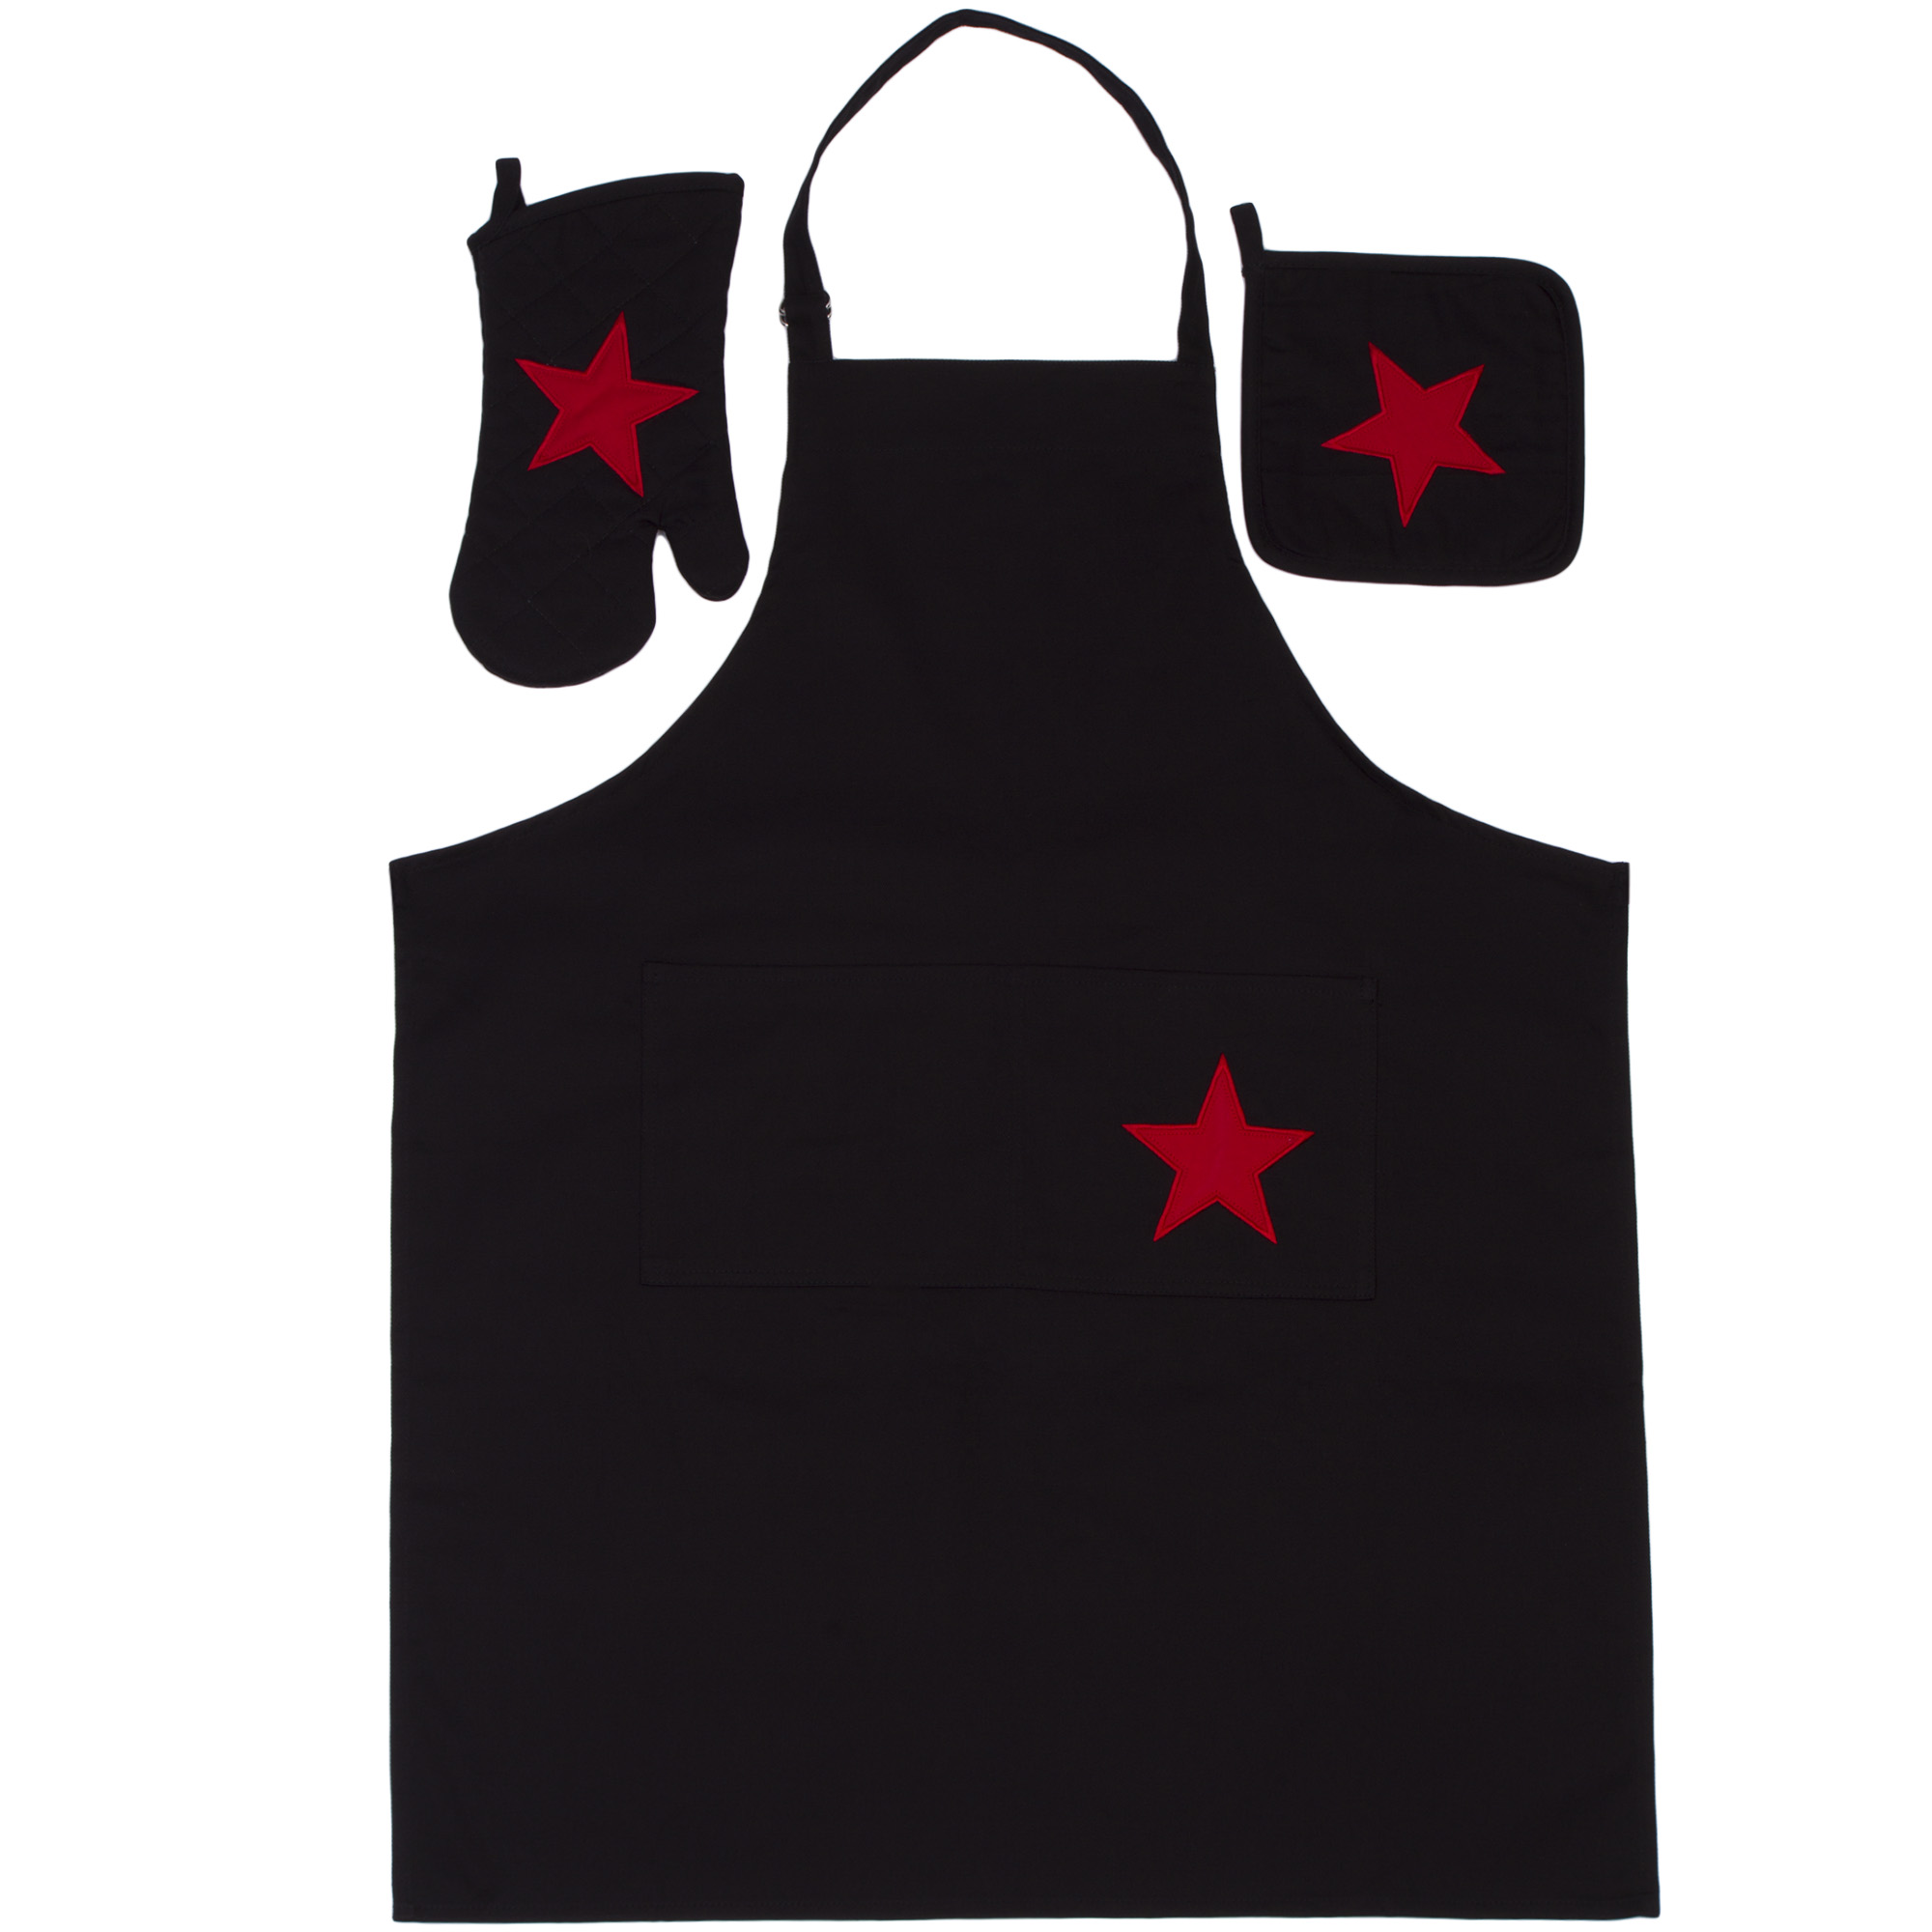 Набор для кухни Звезда панели для кухни фартук в курске